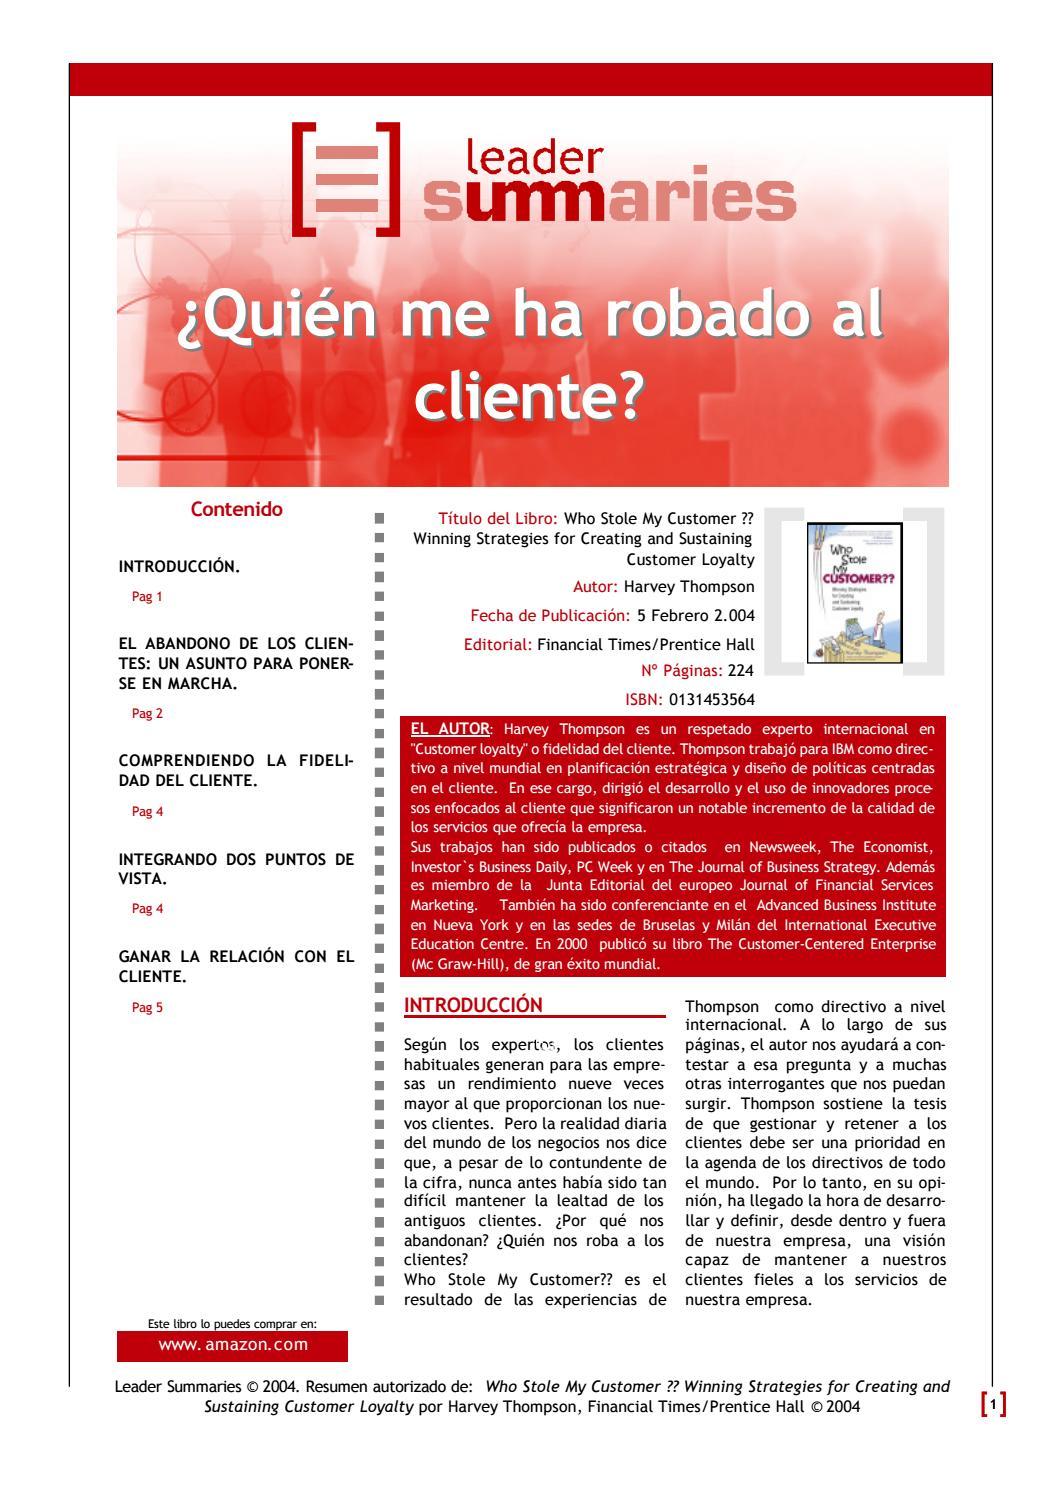 Quien me ha robado al cliente by Pavco Perú - issuu